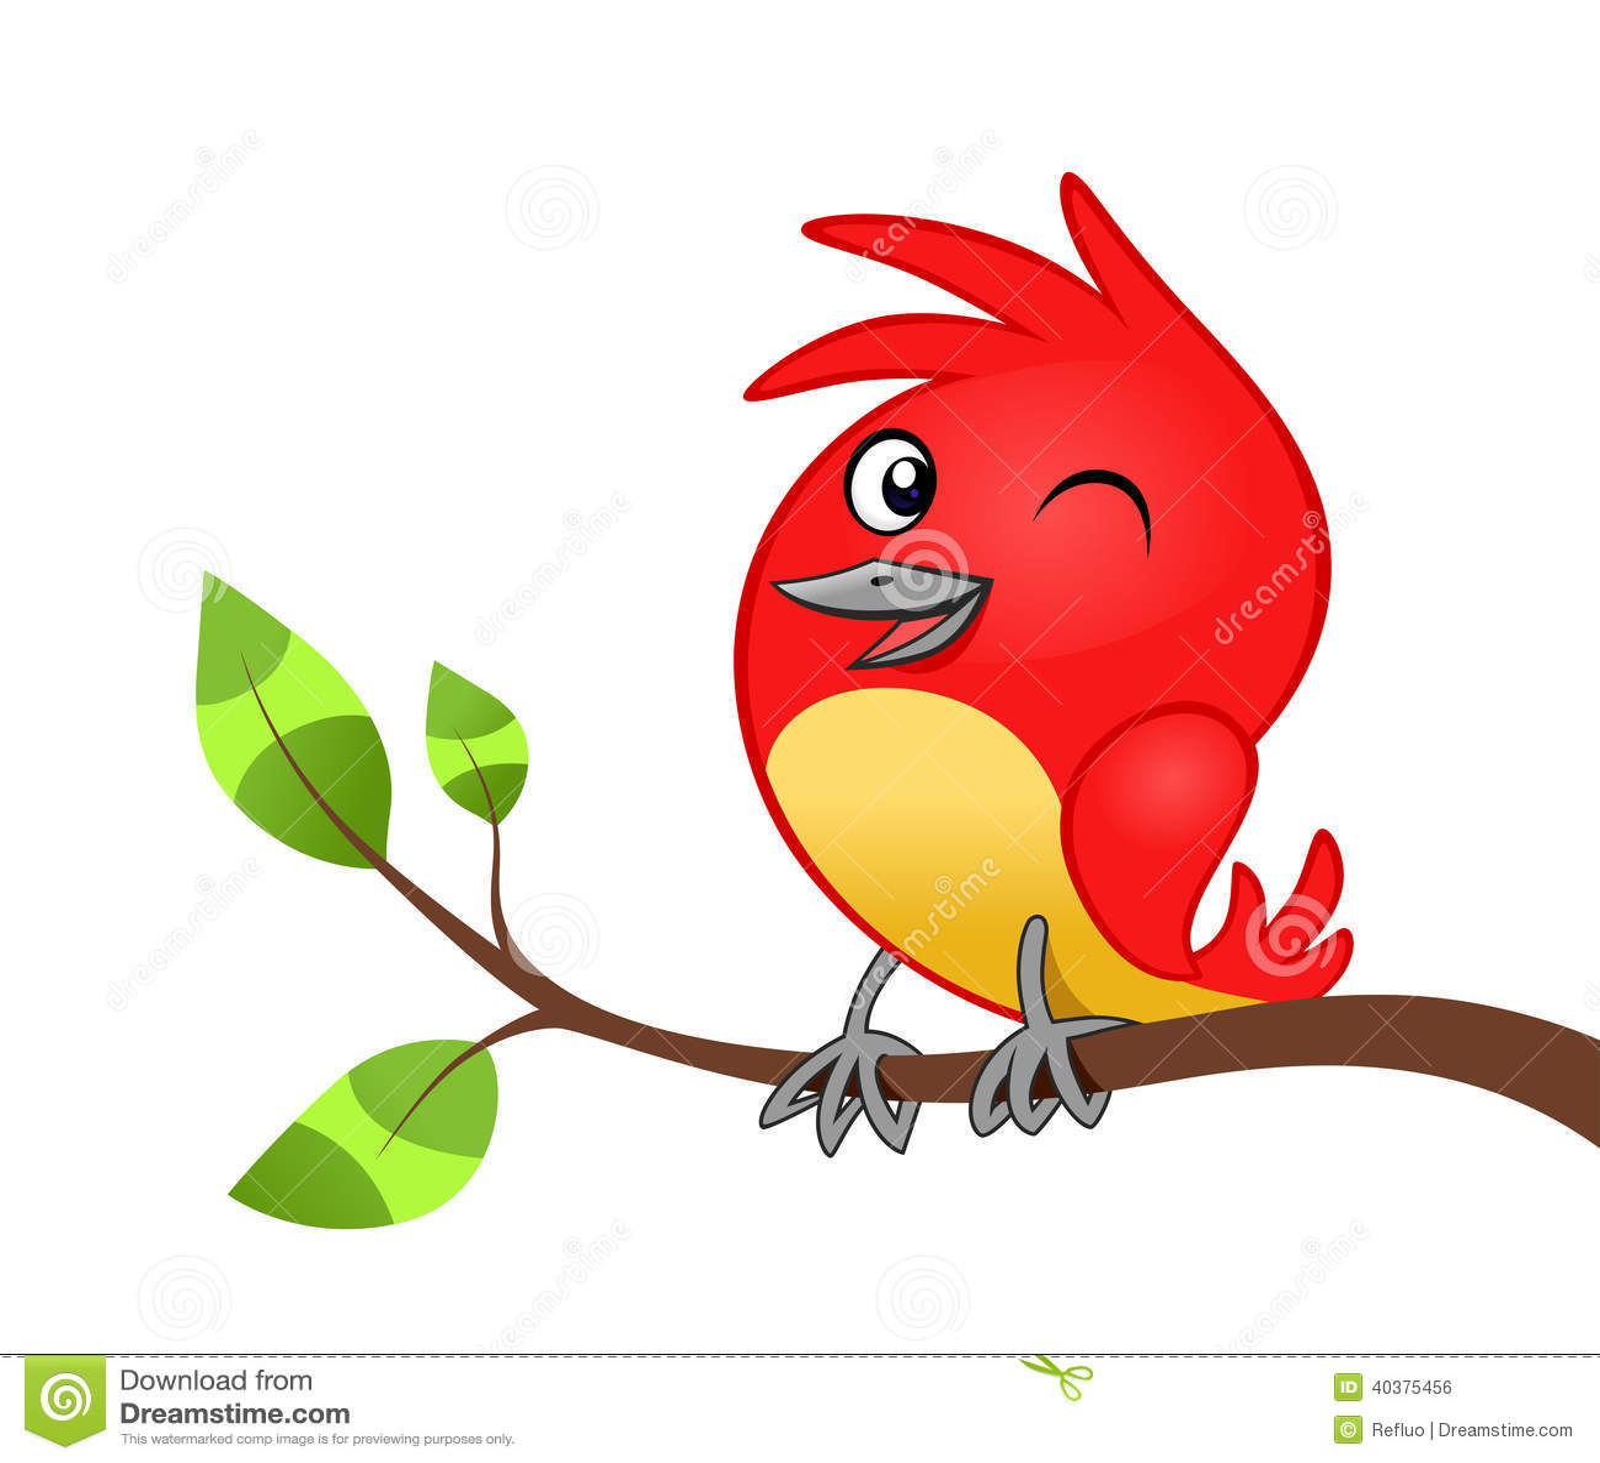 Uccellino sul ramo di albero illustrazione vettoriale for Uccellino disegno